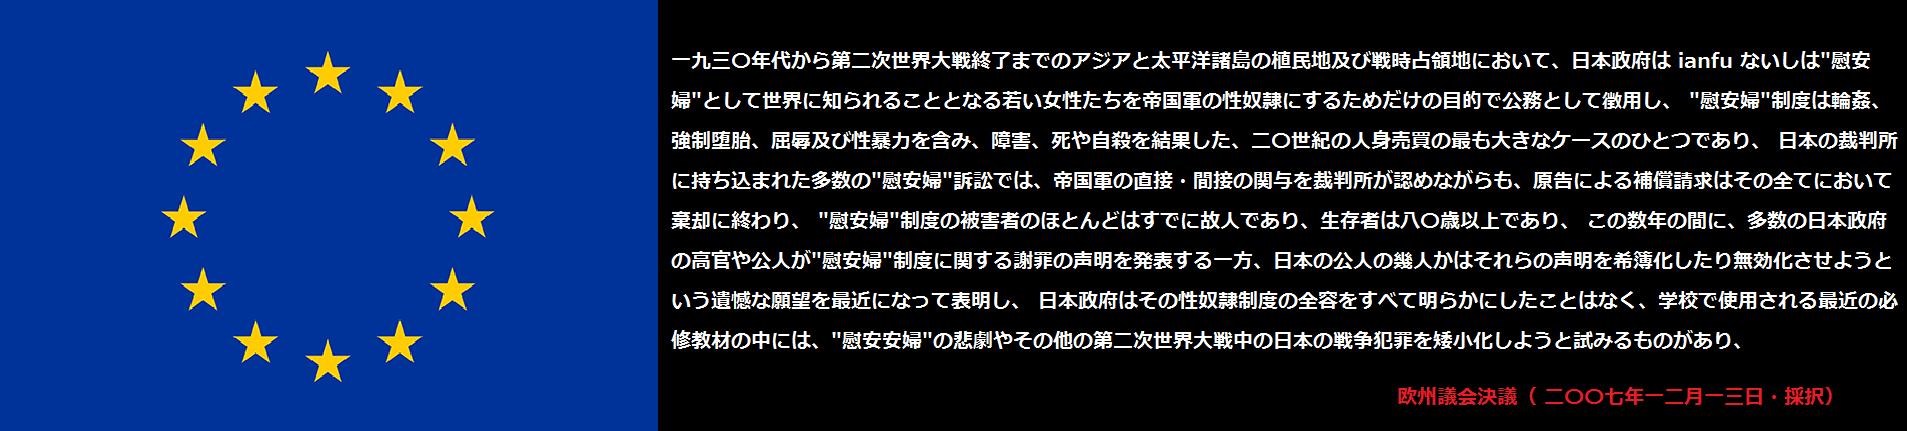 f:id:JAPbuster:20170107174900p:plain